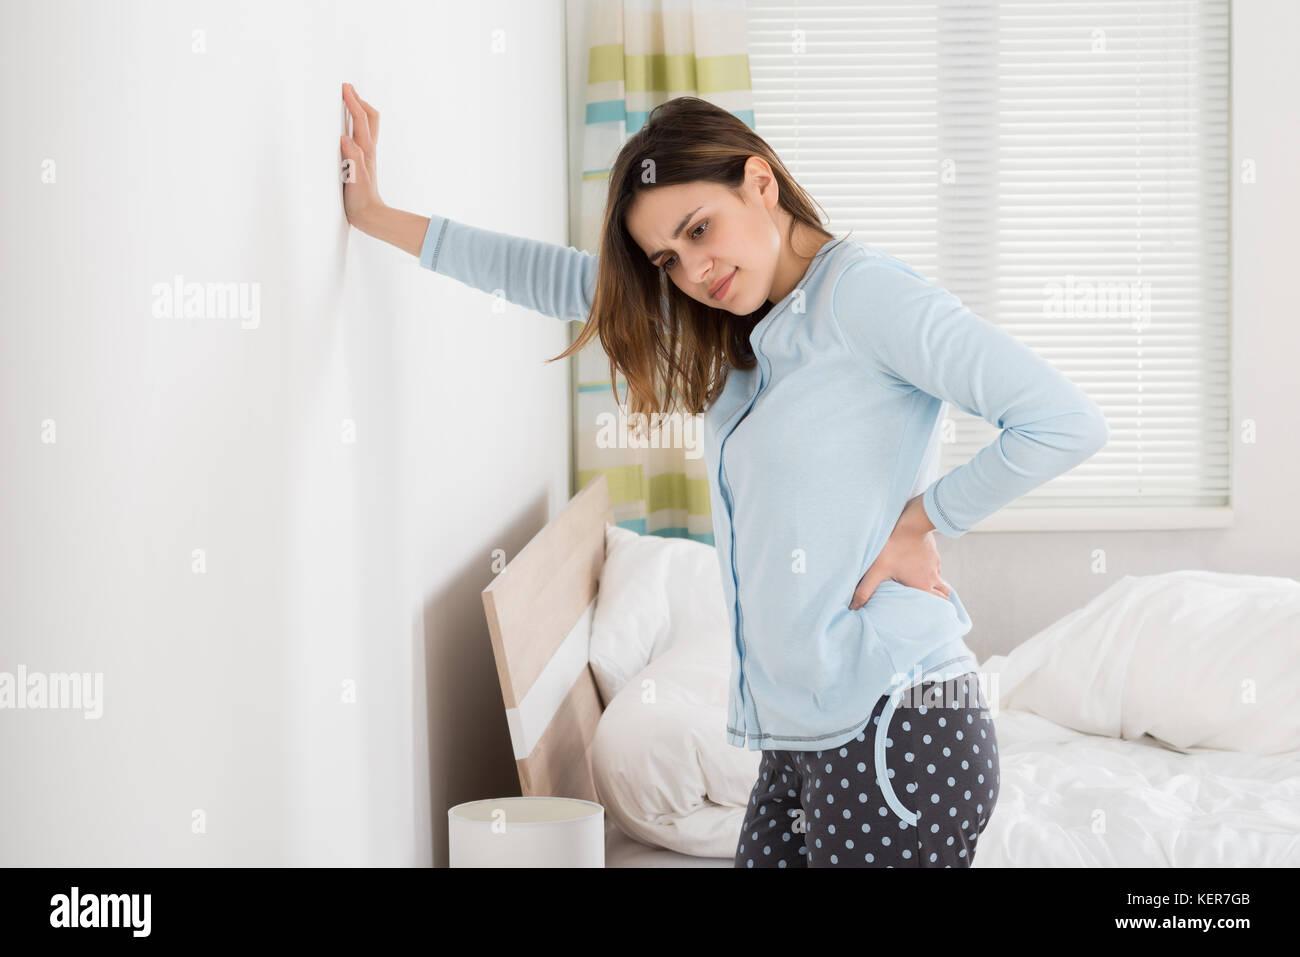 Frau leiden unter Rückenschmerzen, gegen Wand Stockbild